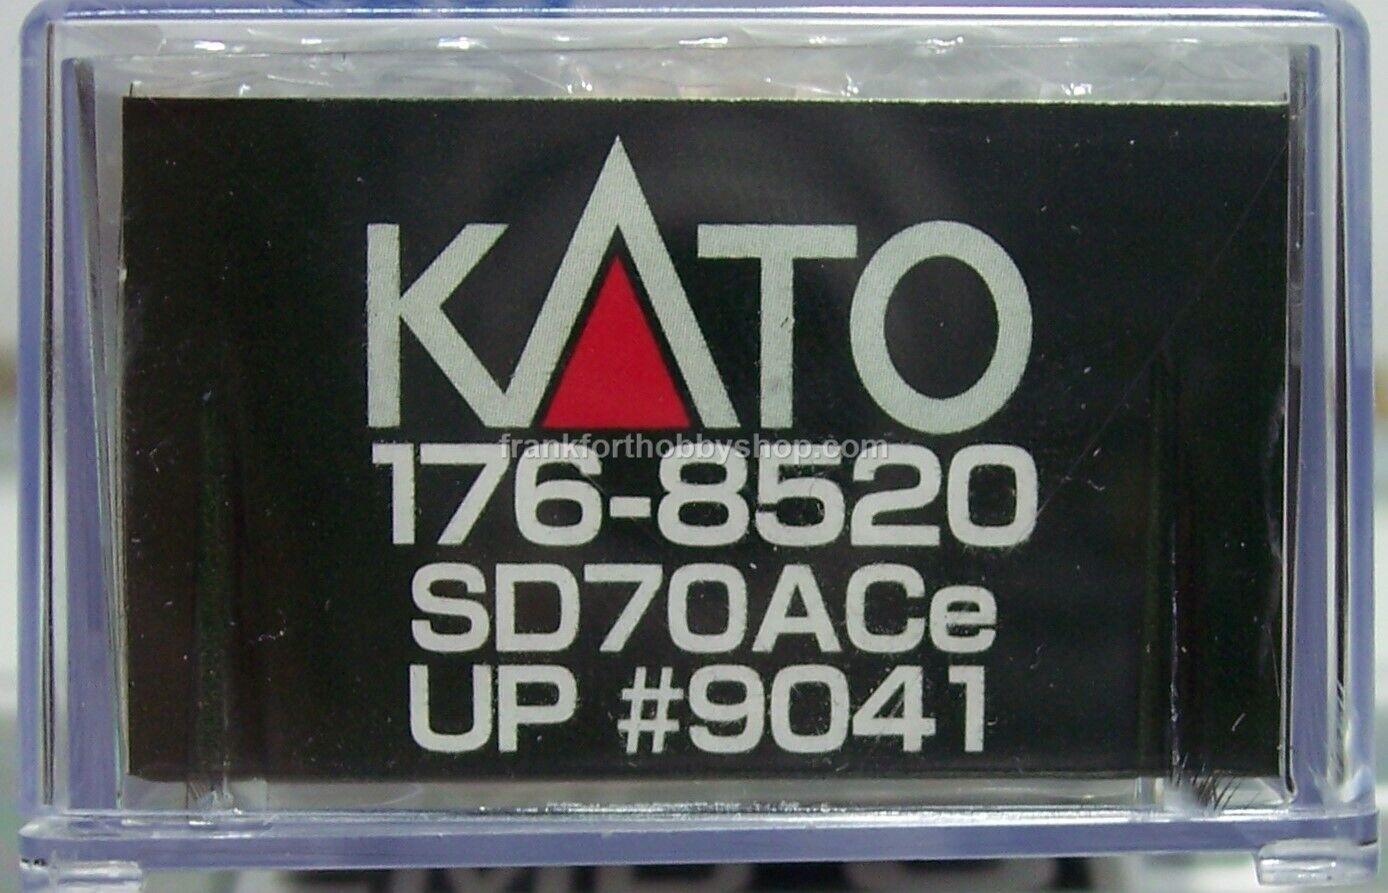 Kato  176-8520 - n-EMD SD70ACe Unión Pacific Road  9041 Faros de nariz